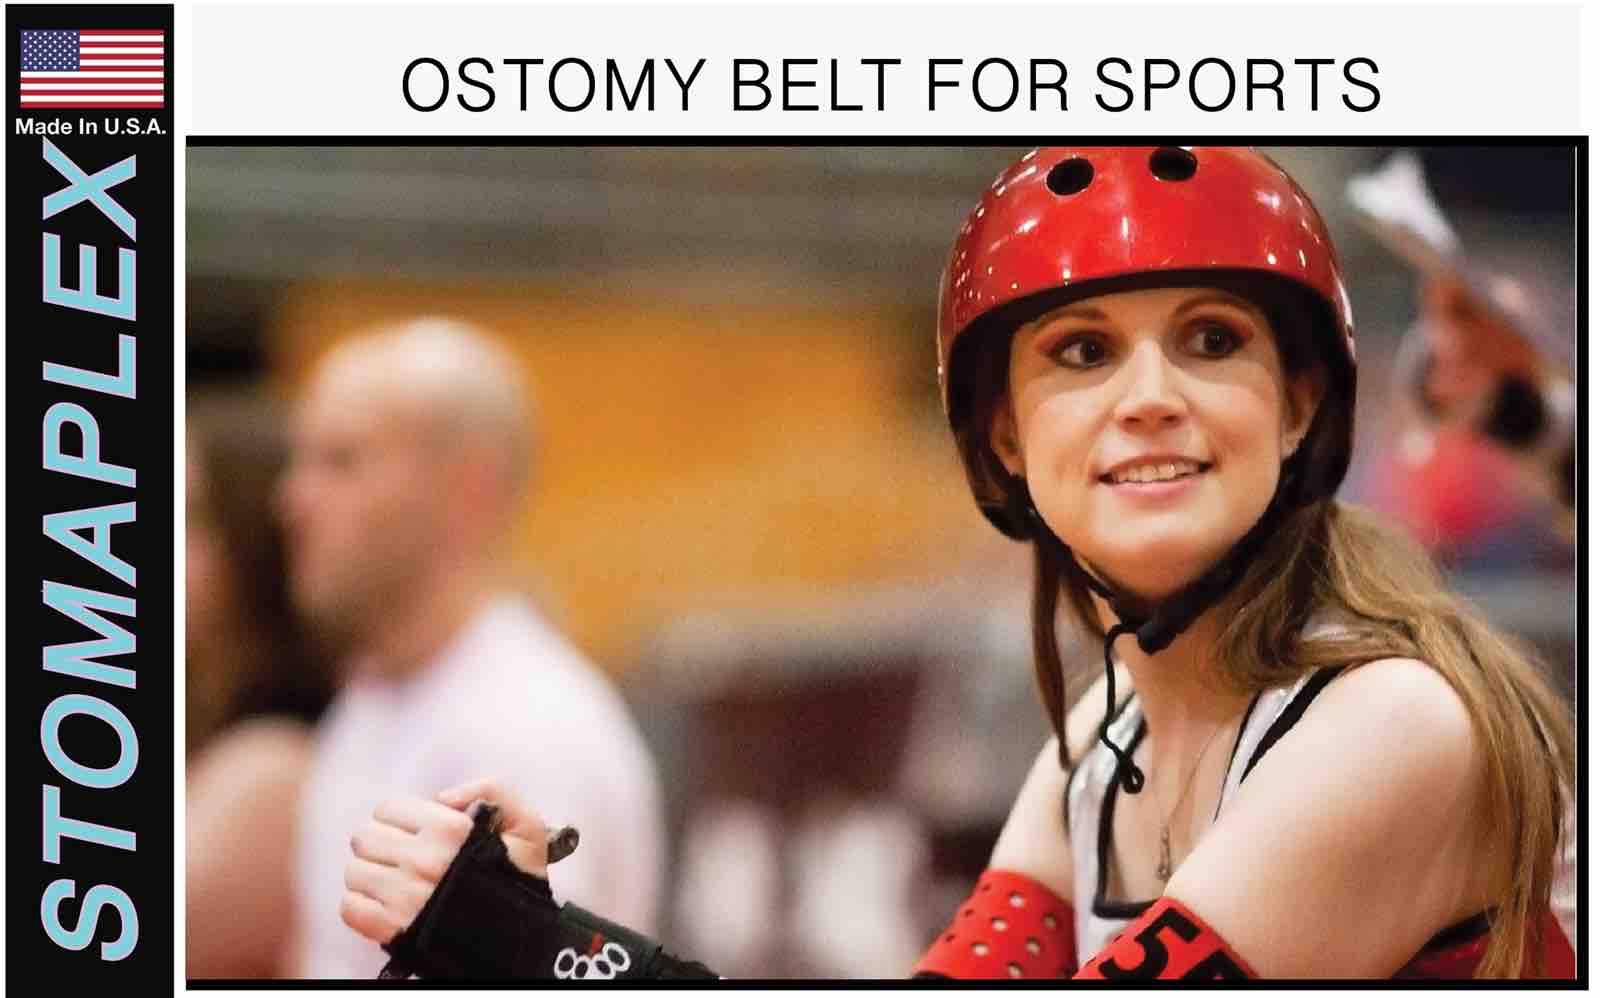 Ostomy Nurse Recommendations, sport belt, ostomy sport belt, ostomy exercise belt, ostomy support belt, ostomy belt for sports